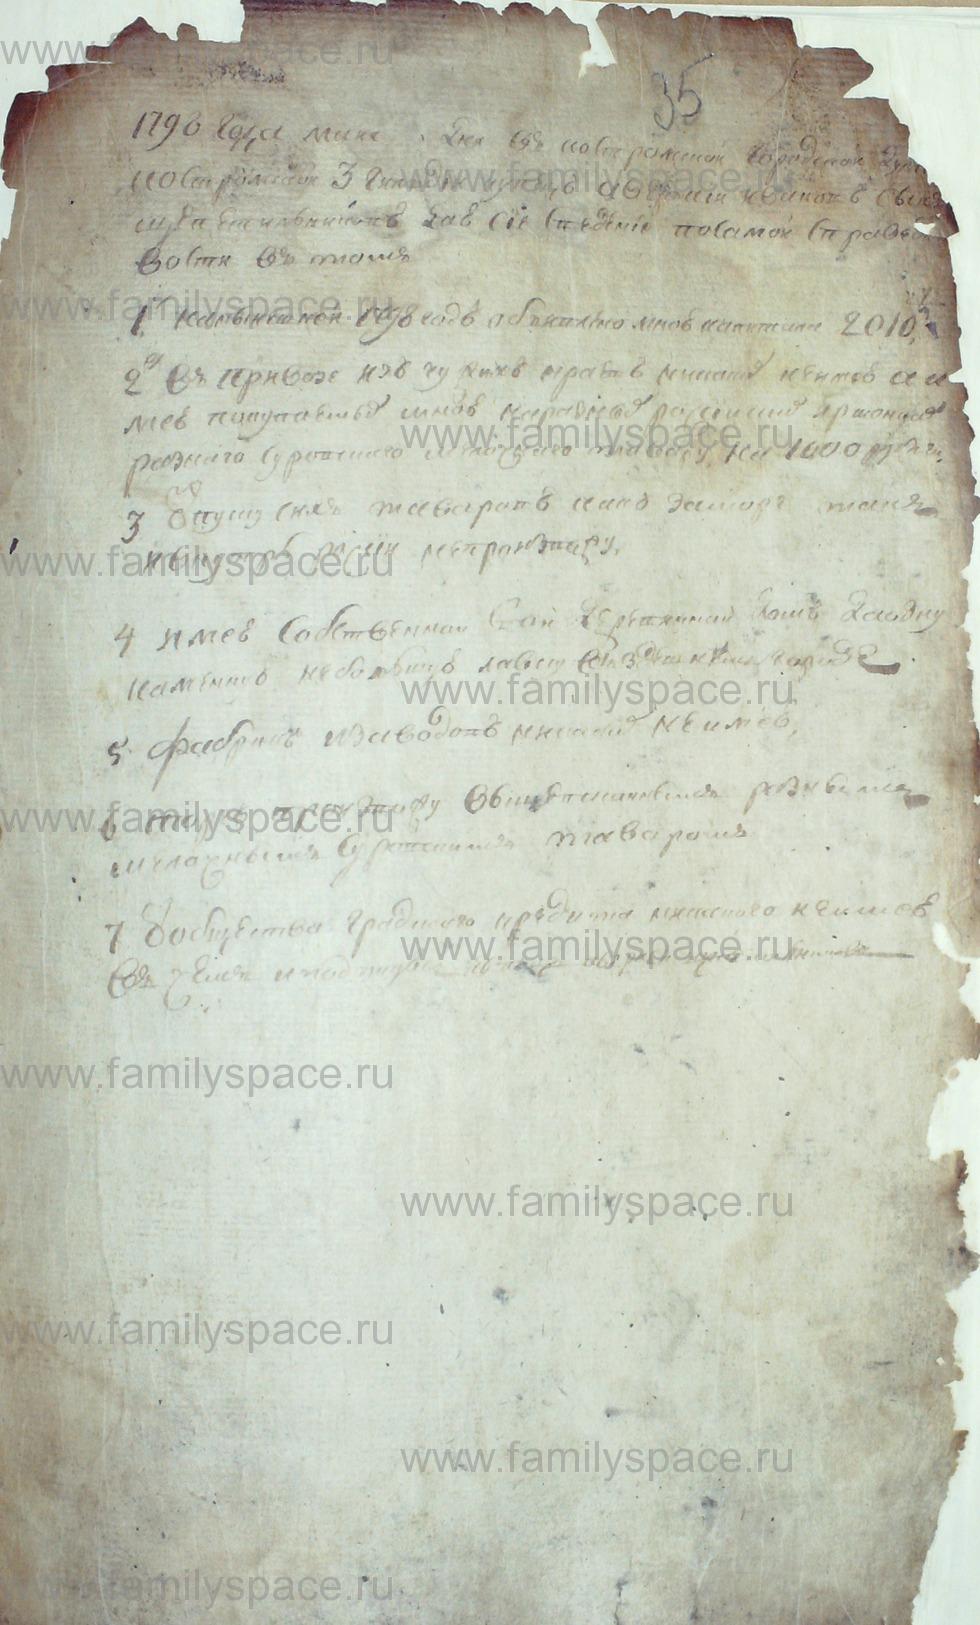 Поиск по фамилии - Сведения о купцах г. Кострома и их капиталах, страница 37